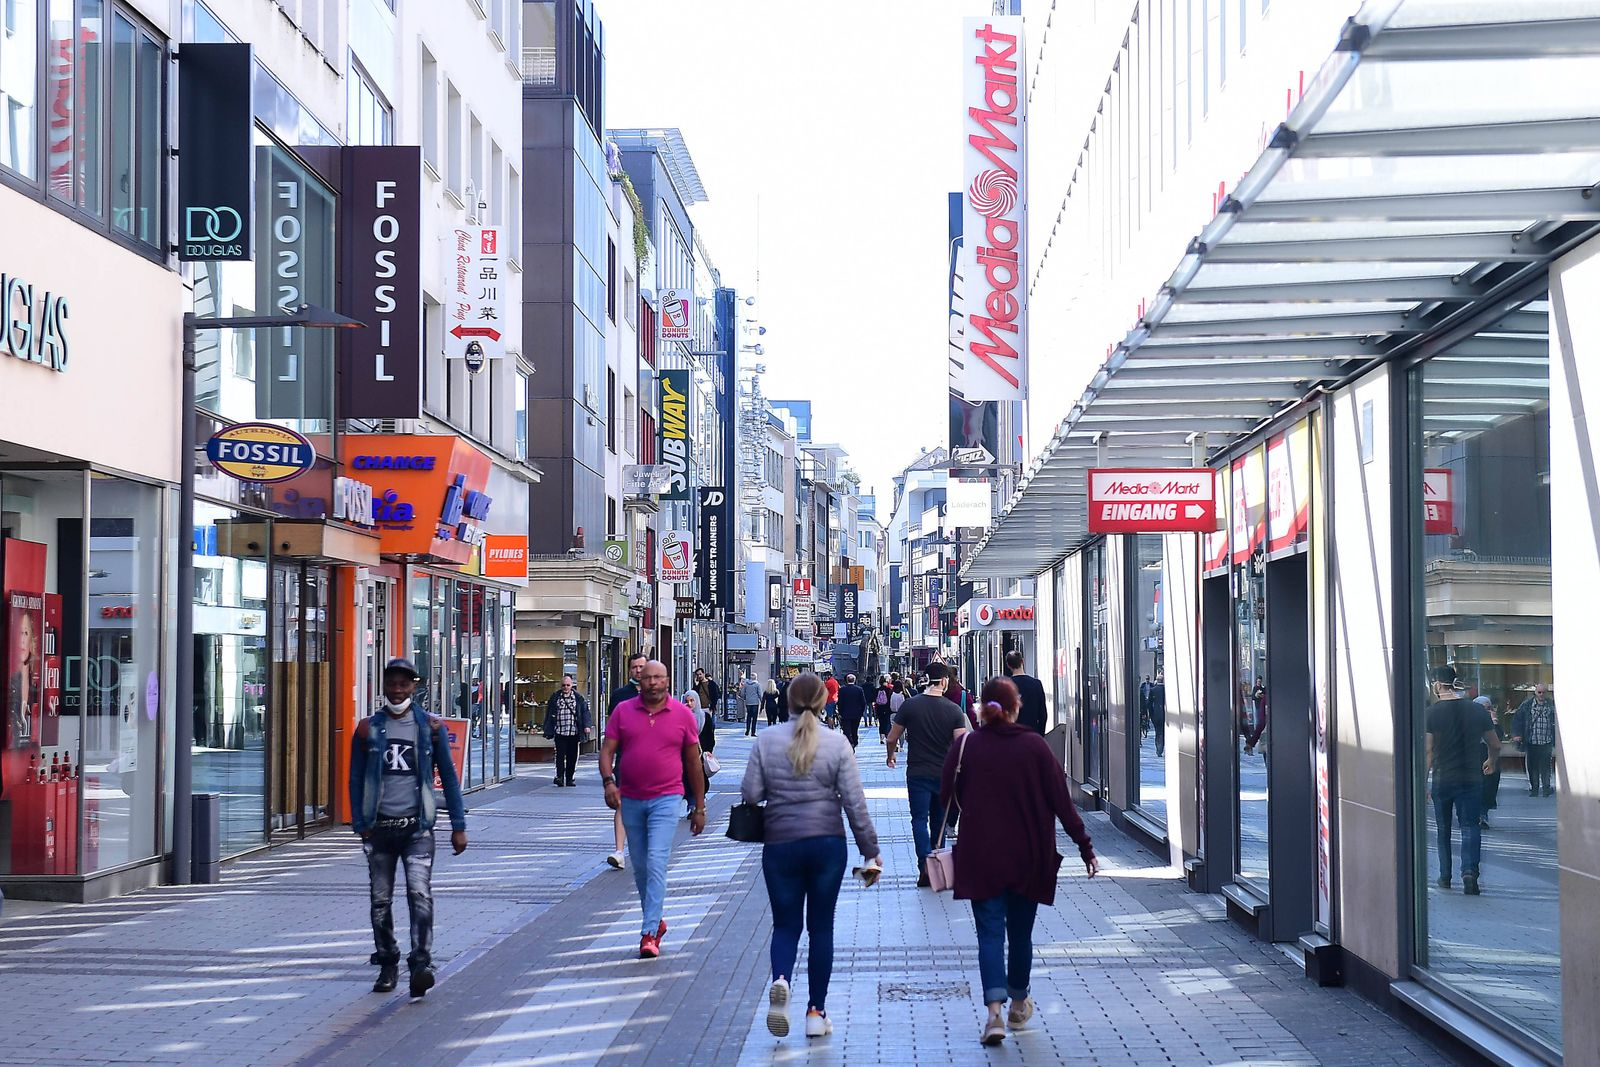 Coronavirus - Geschäftsöffnungen am 20.04.2020 in Köln Passanten in der Kölner Innenstadt. Ab dem 20.04.2020 dürfen ers